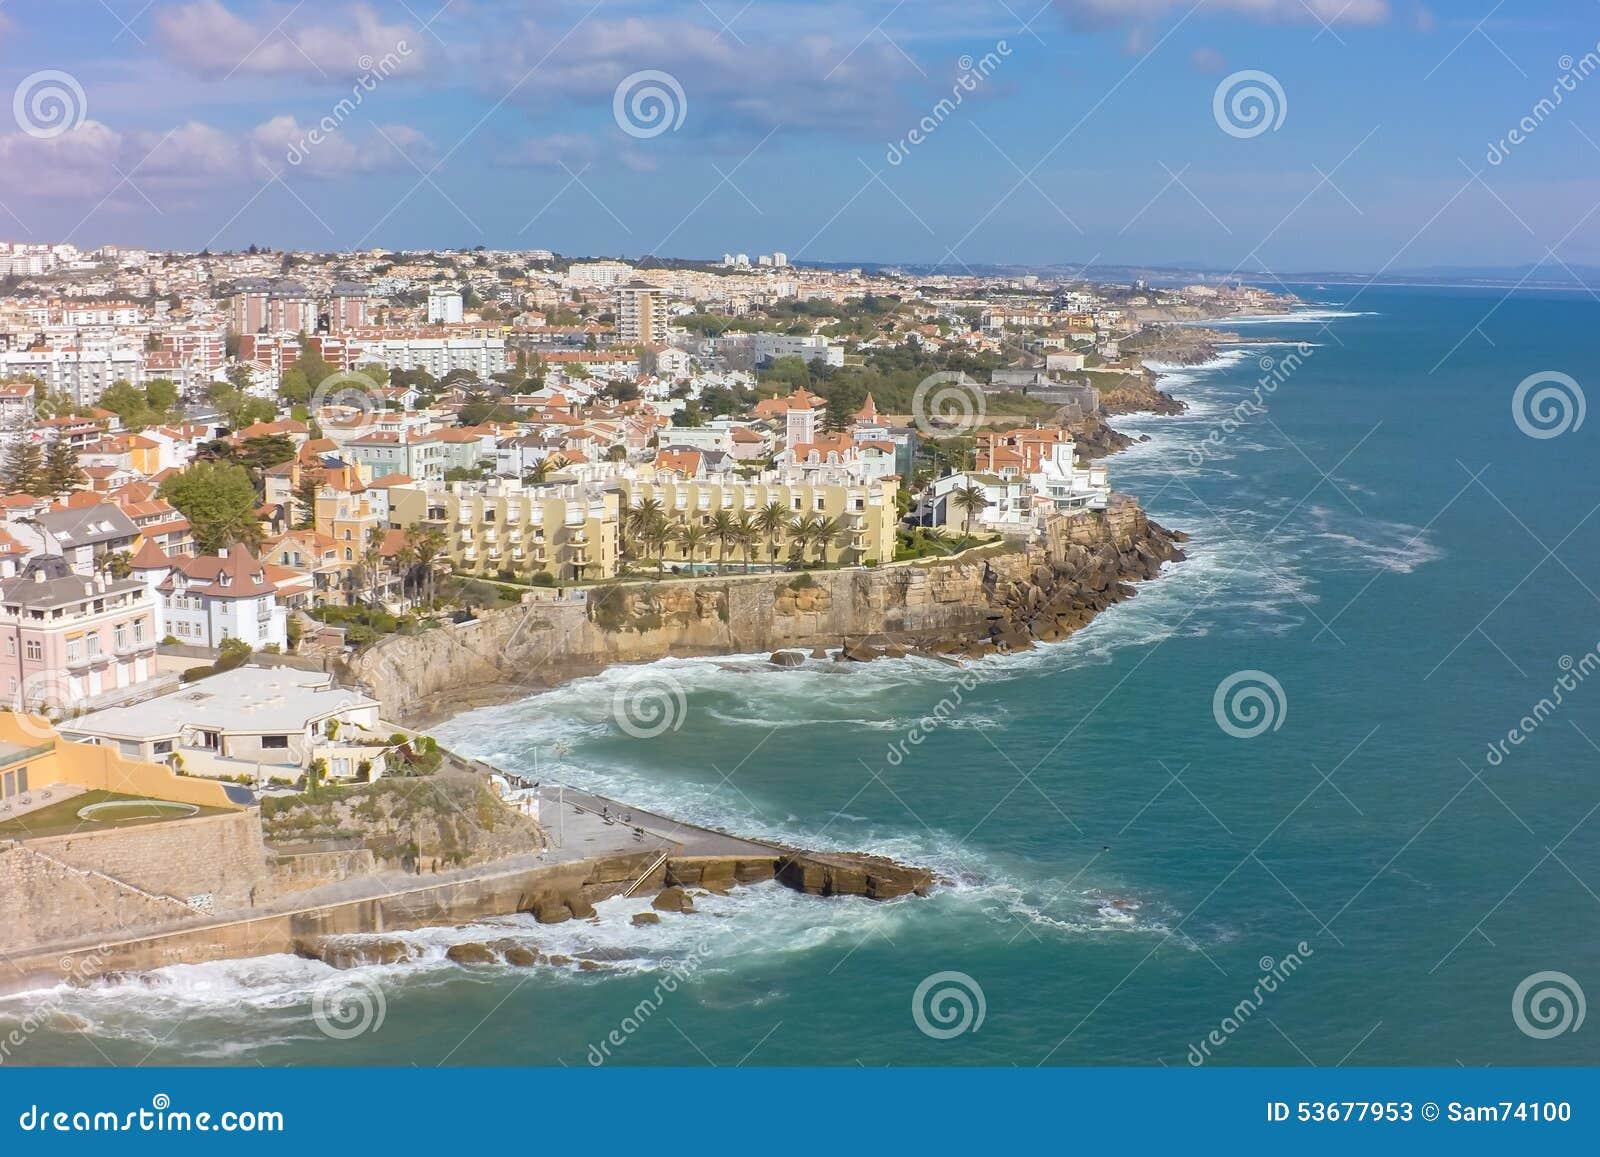 Εναέρια άποψη της ακτής του Εστορίλ κοντά στη Λισσαβώνα στην Πορτογαλία